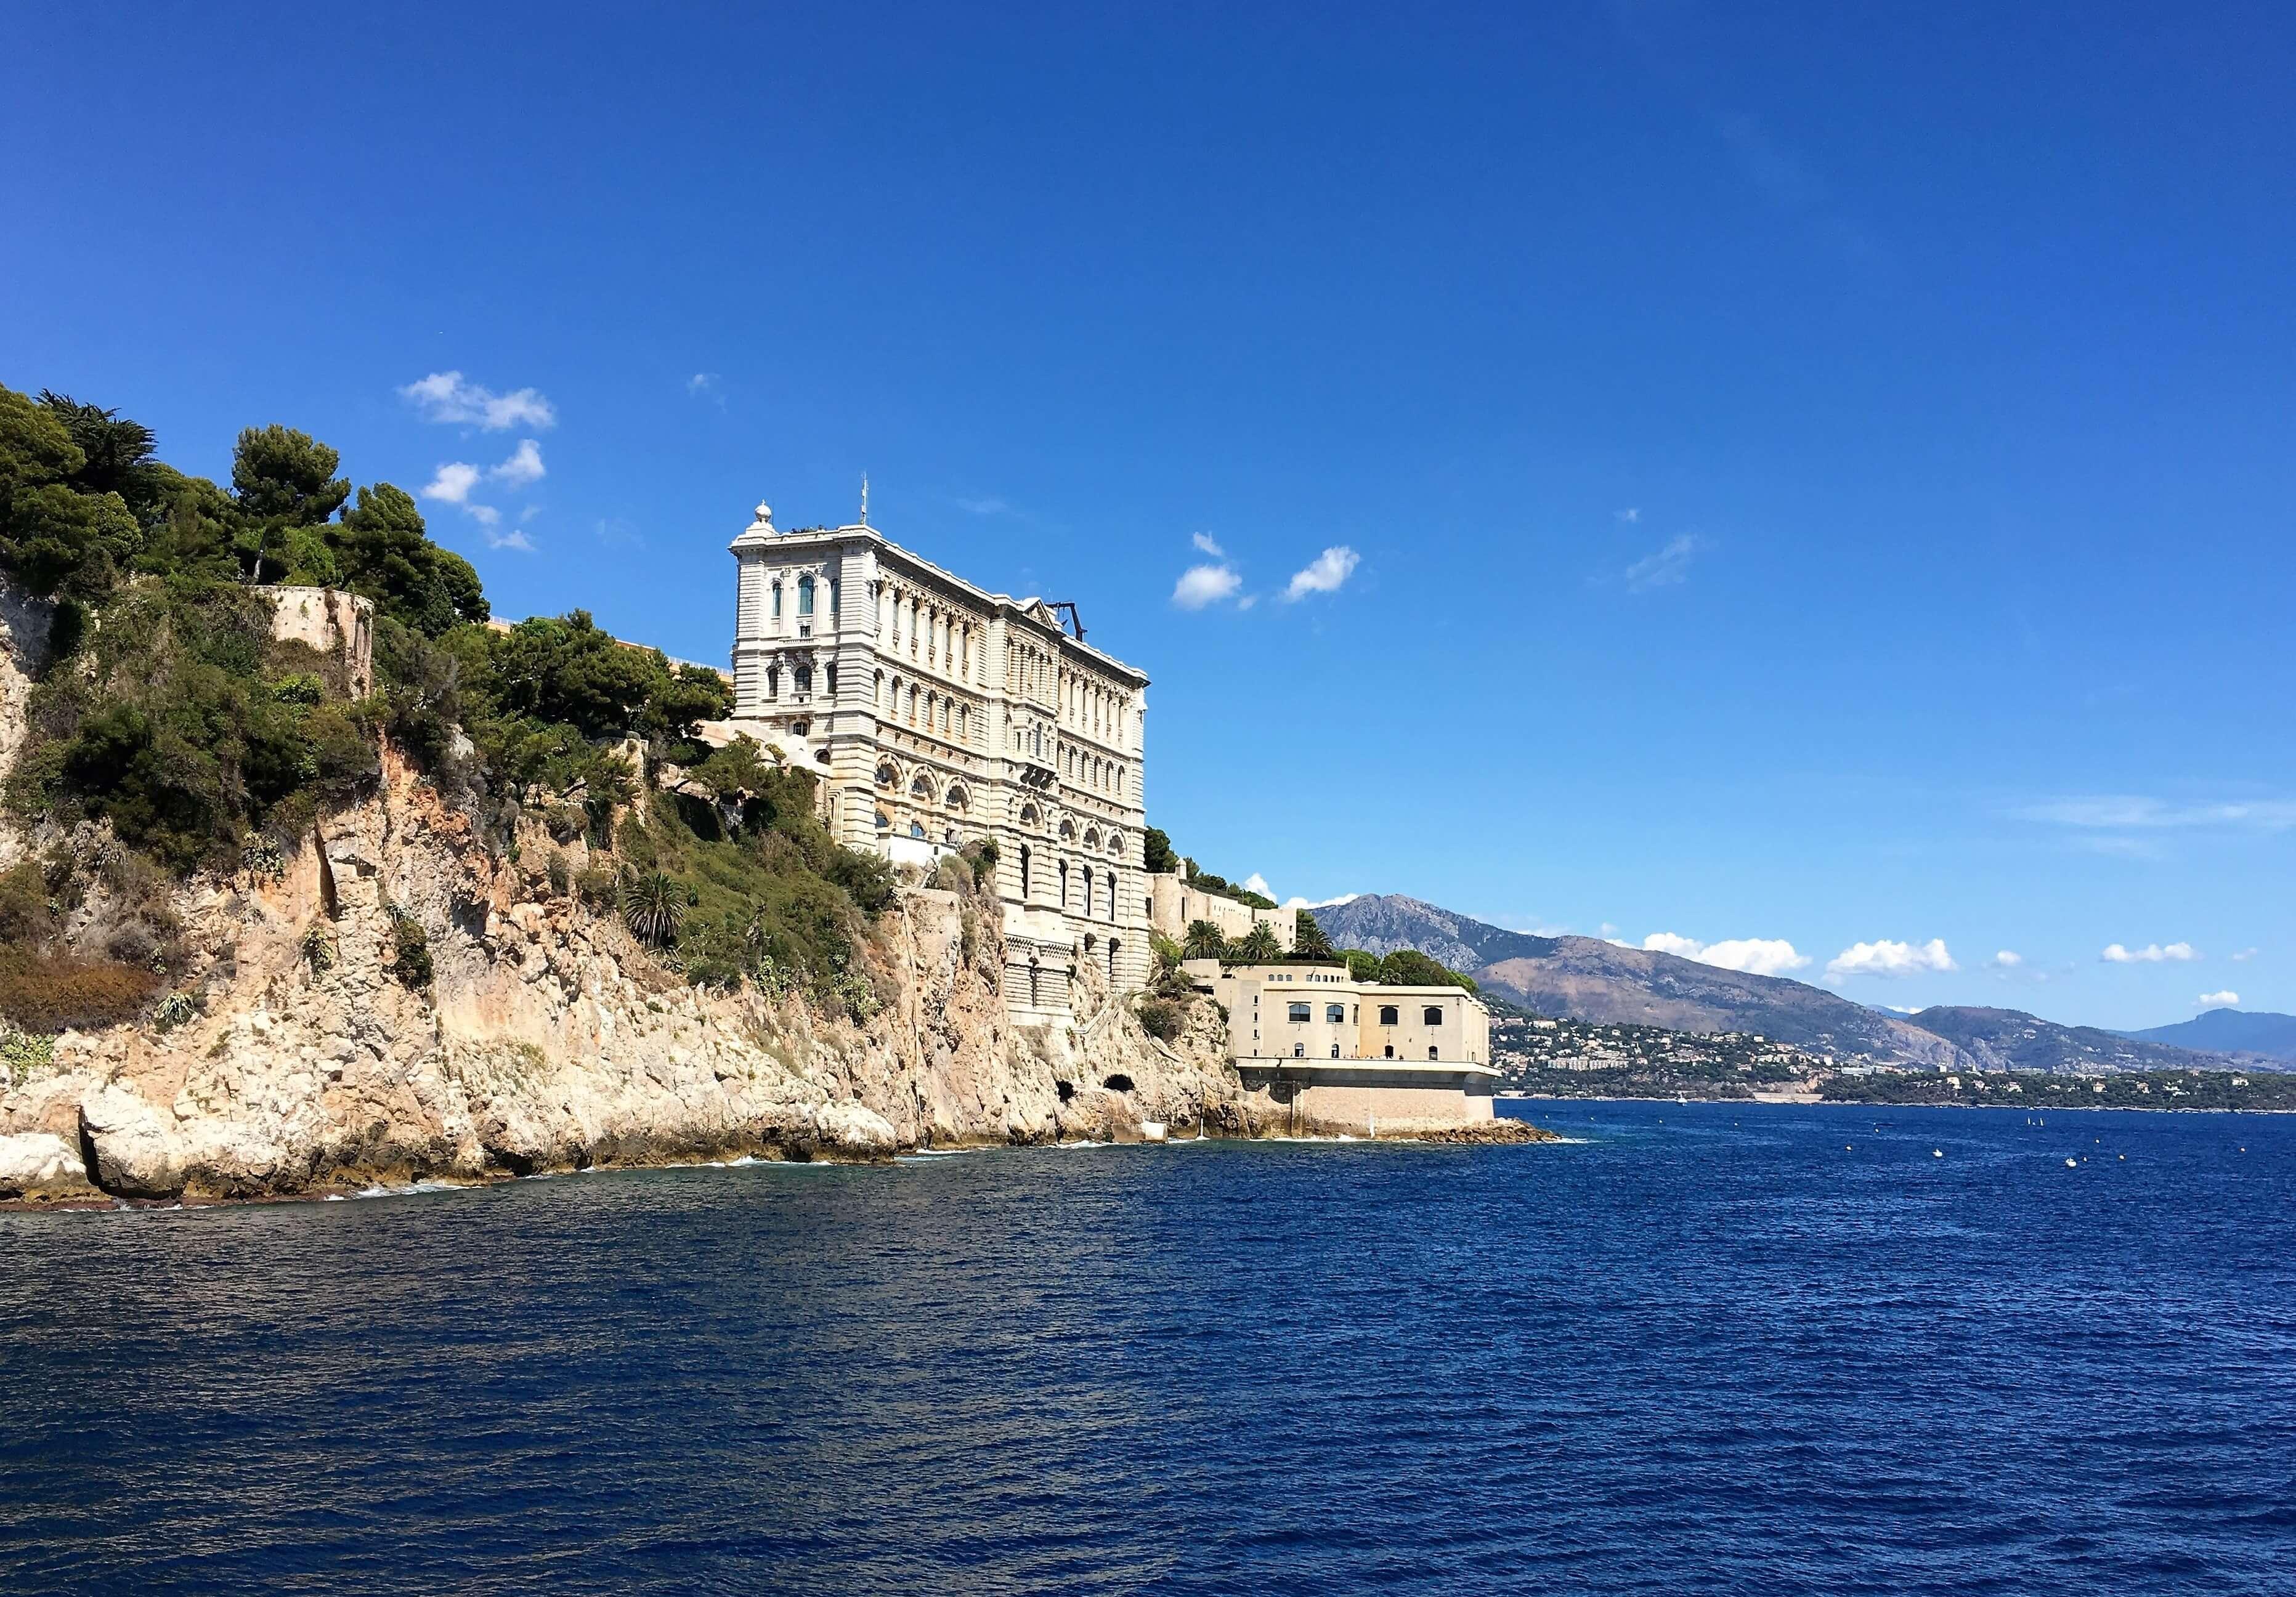 Vue sur le batiment du musée océanographique à Monaco